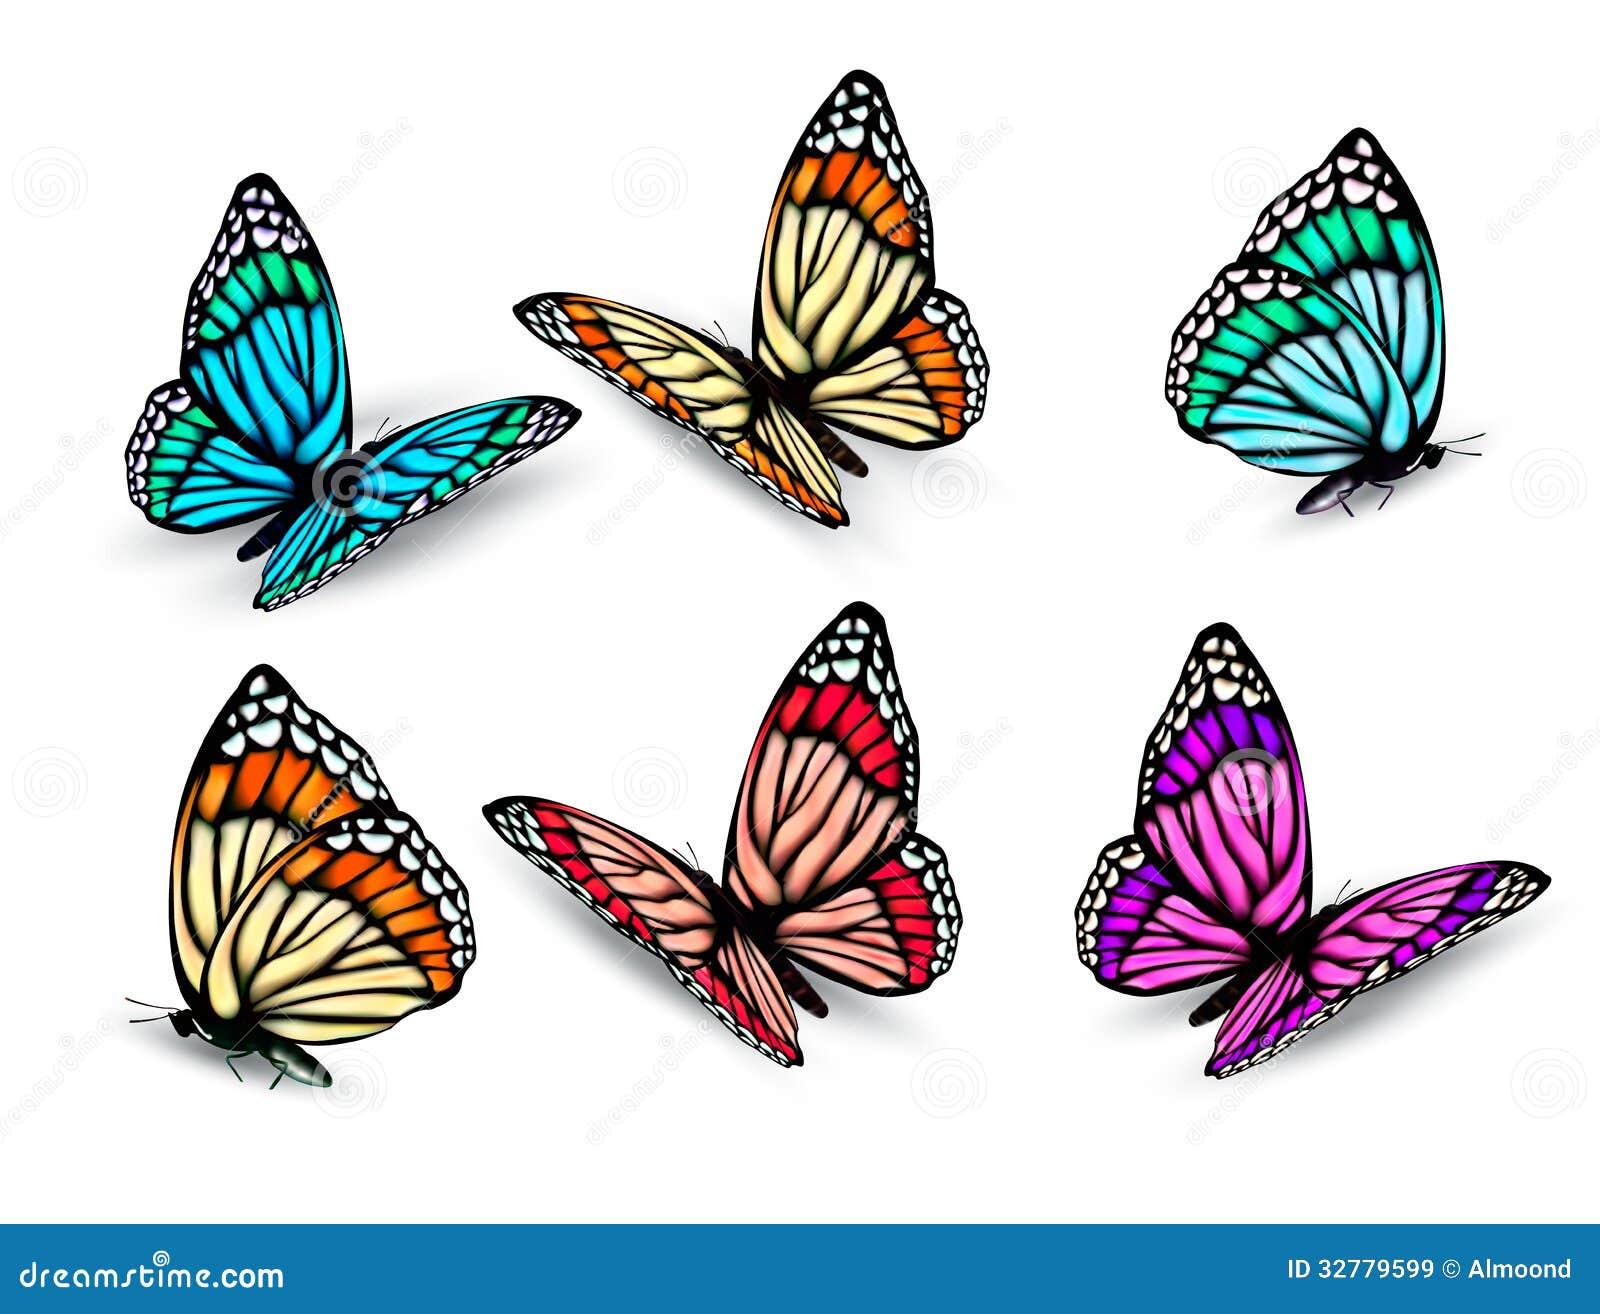 Фото метеликів